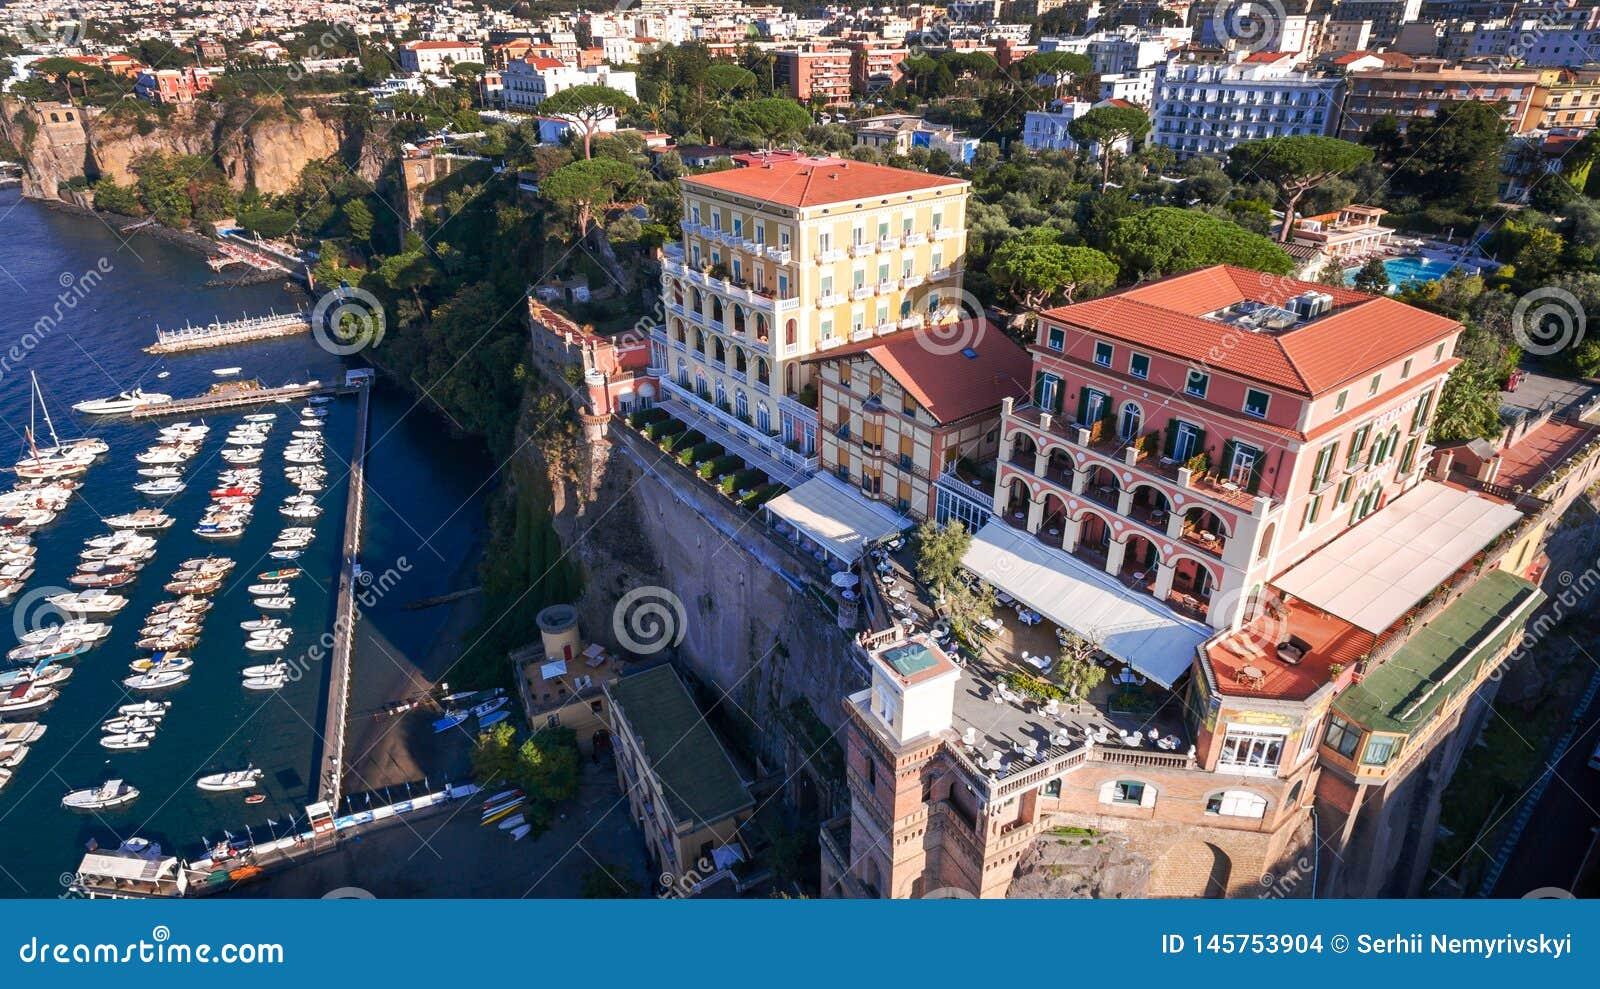 Εναέρια άποψη της πόλης Σορέντο, Ιταλία, οδός της παλαιάς πόλης βουνών, έννοια τουρισμού, θάλασσα, Napoli, διακοπές της Ευρώπης